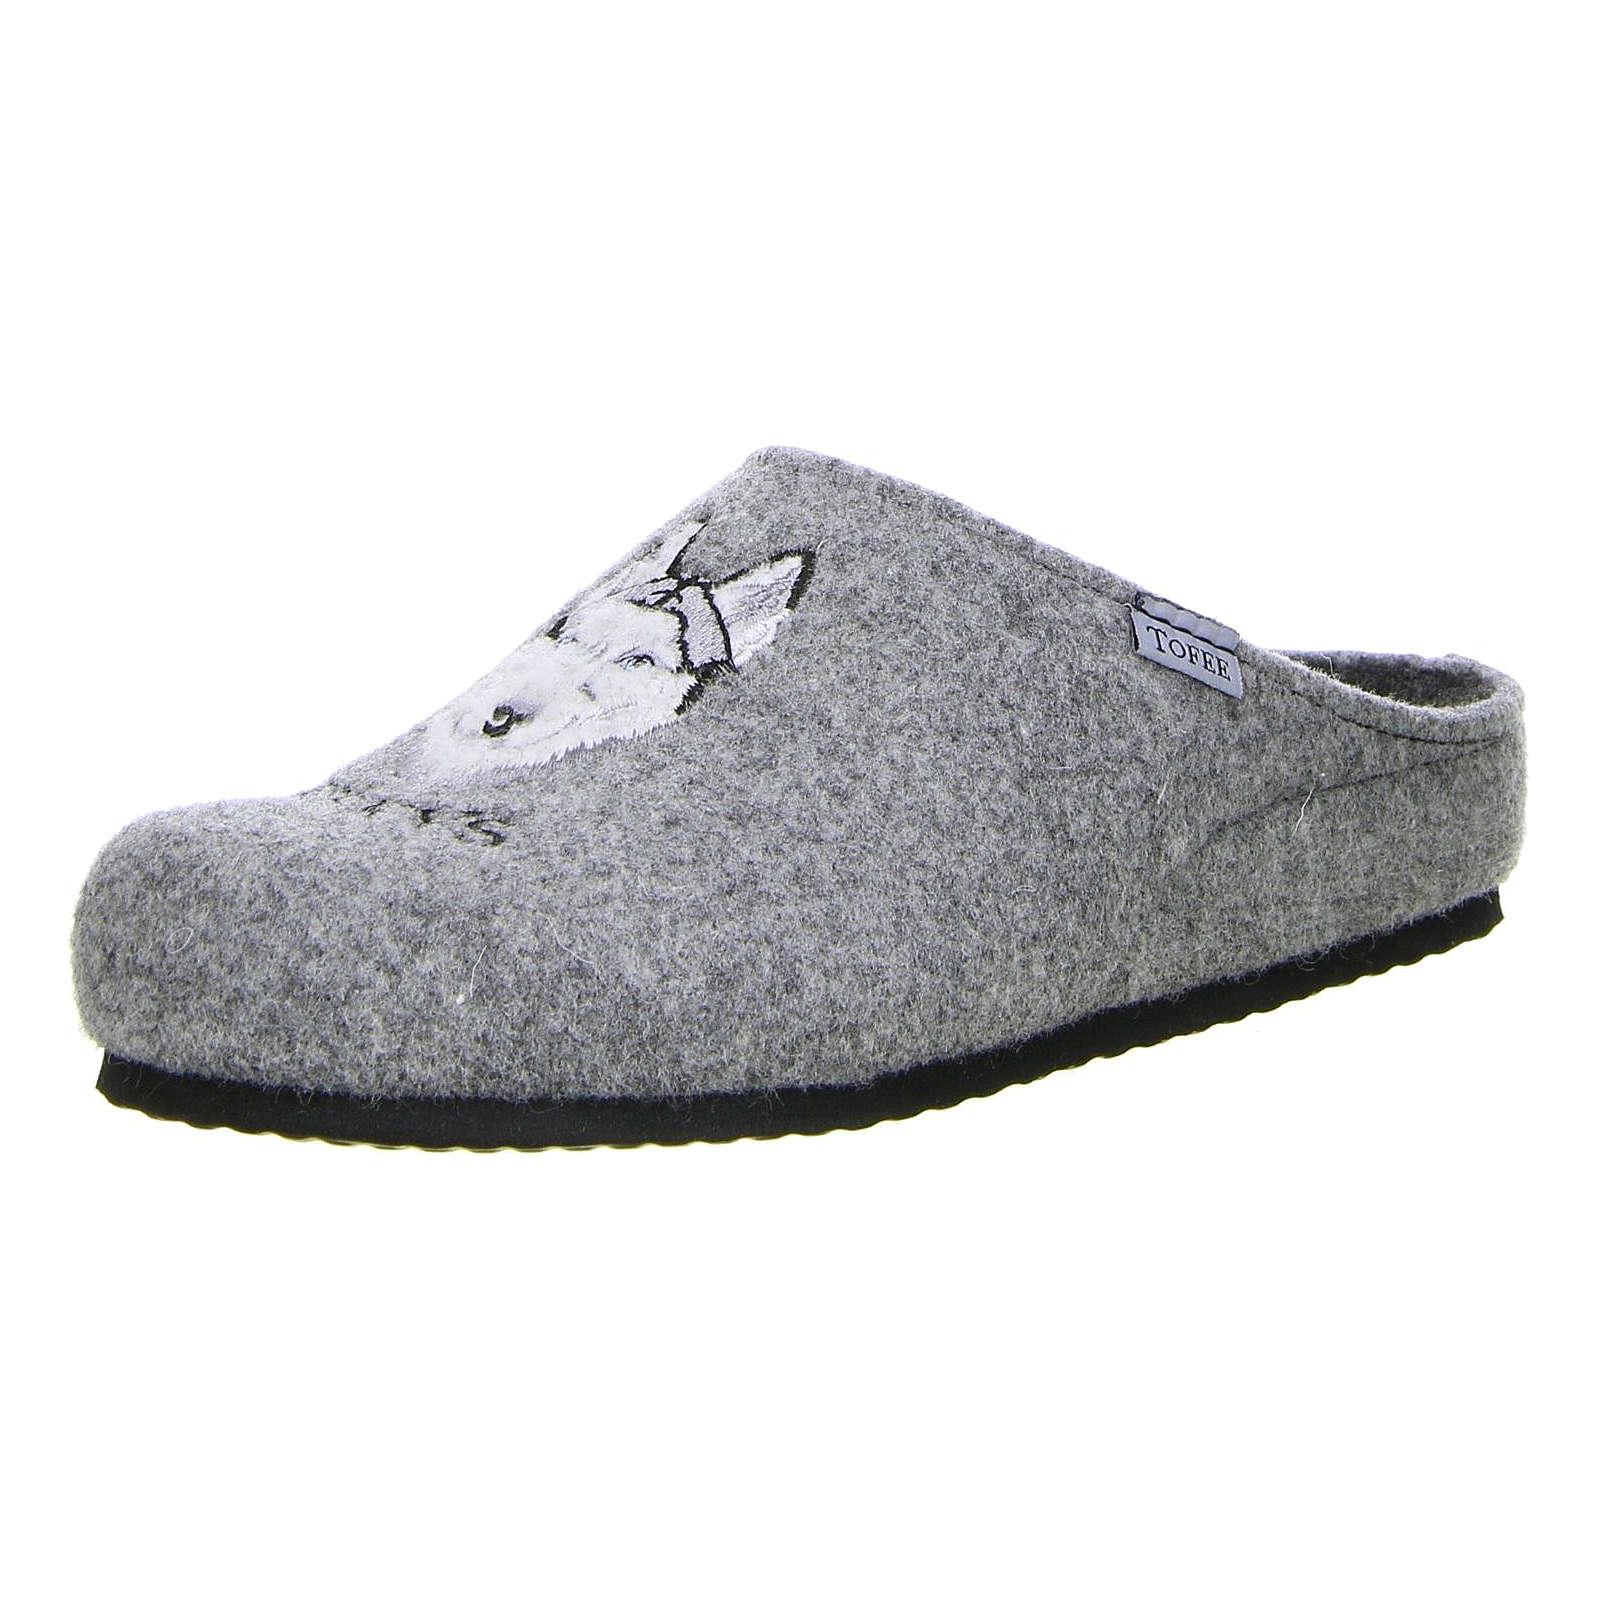 Tofee Herren Hausschuhe (Huskys) grau grau Herren Gr. 44